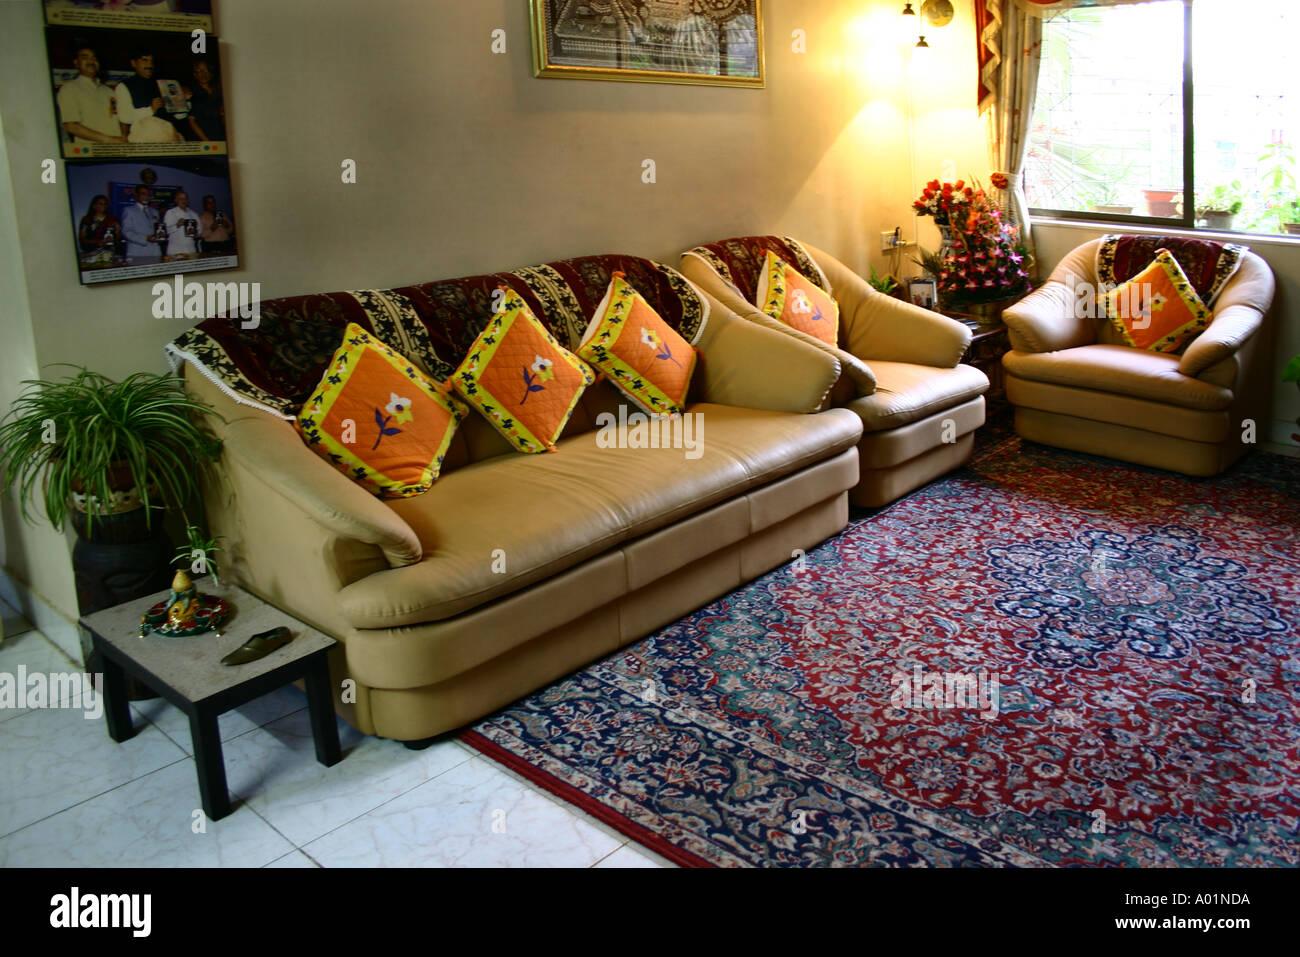 star sofa mumbai maharashtra leather sectional london ontario interior house bombay stock photos